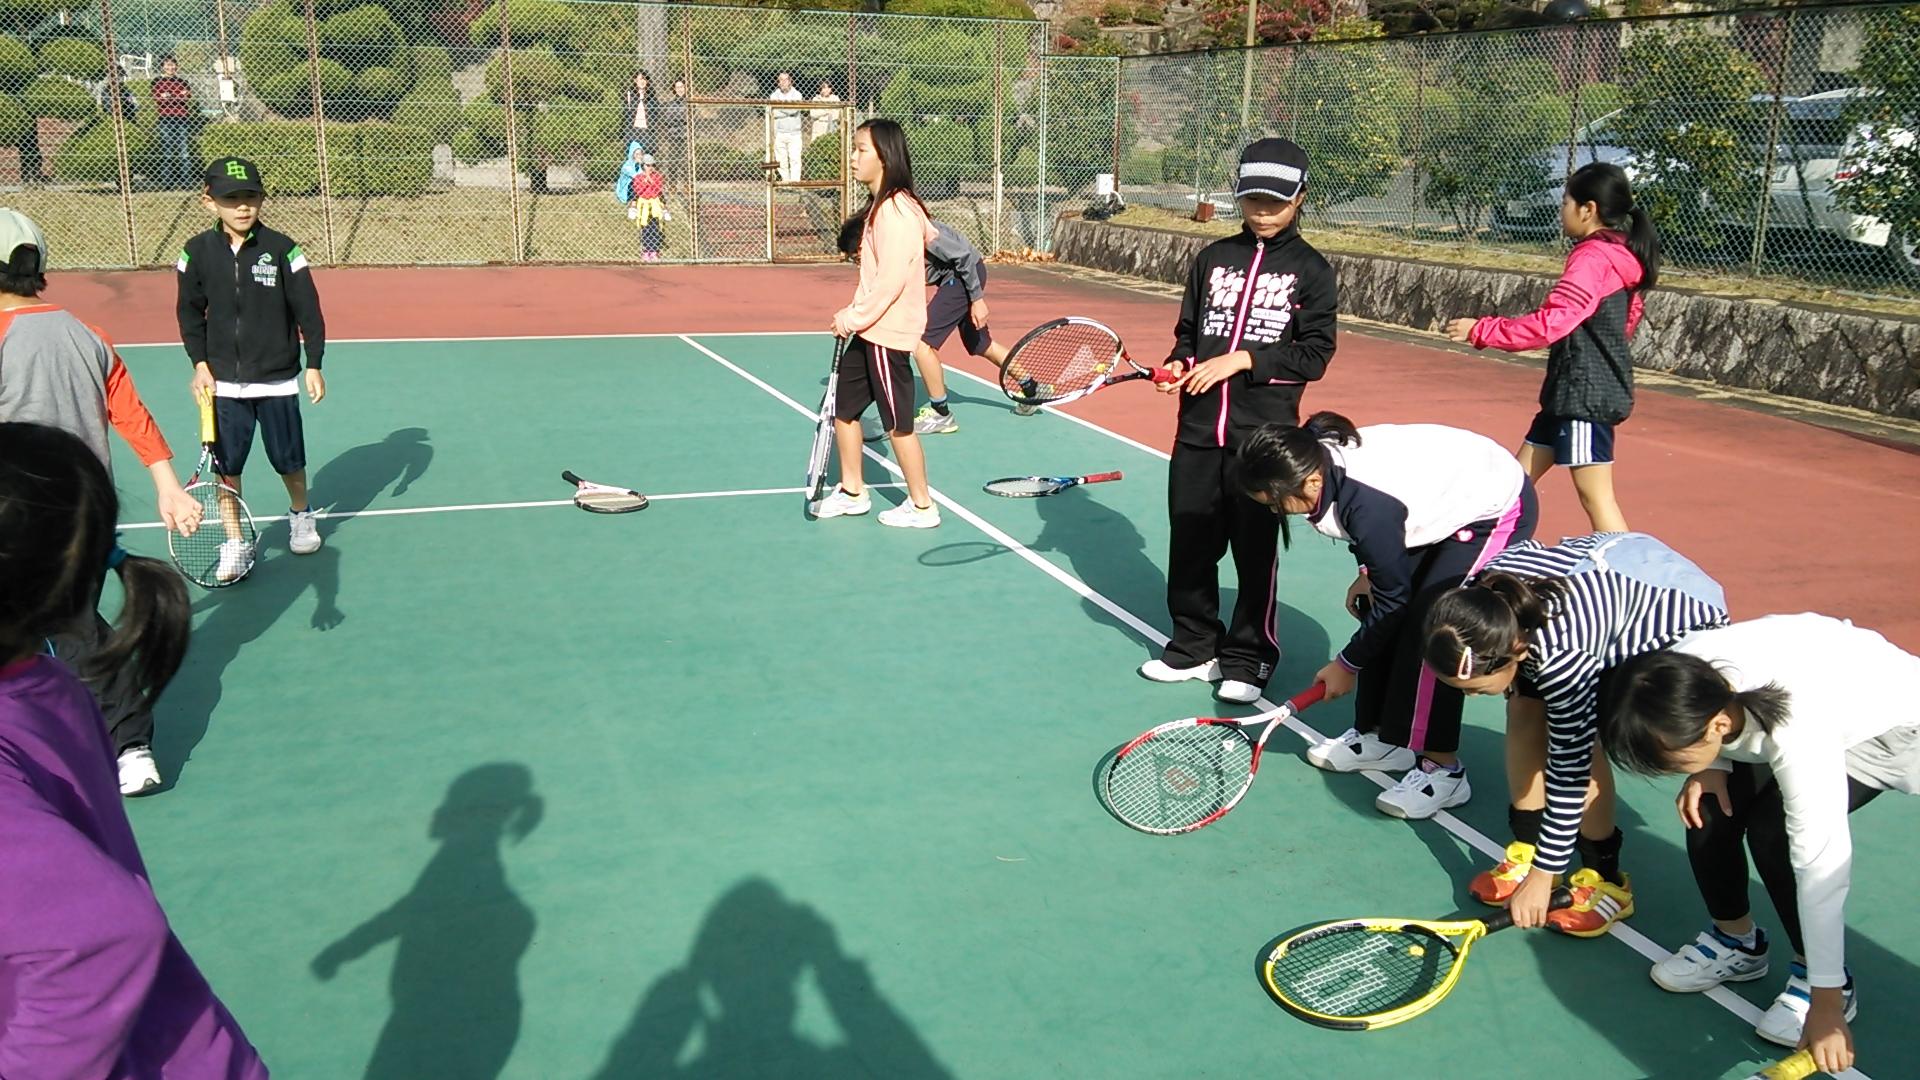 Sport Fine Training Badminton Amateur Competition Badminton Cg Handsome Appearance